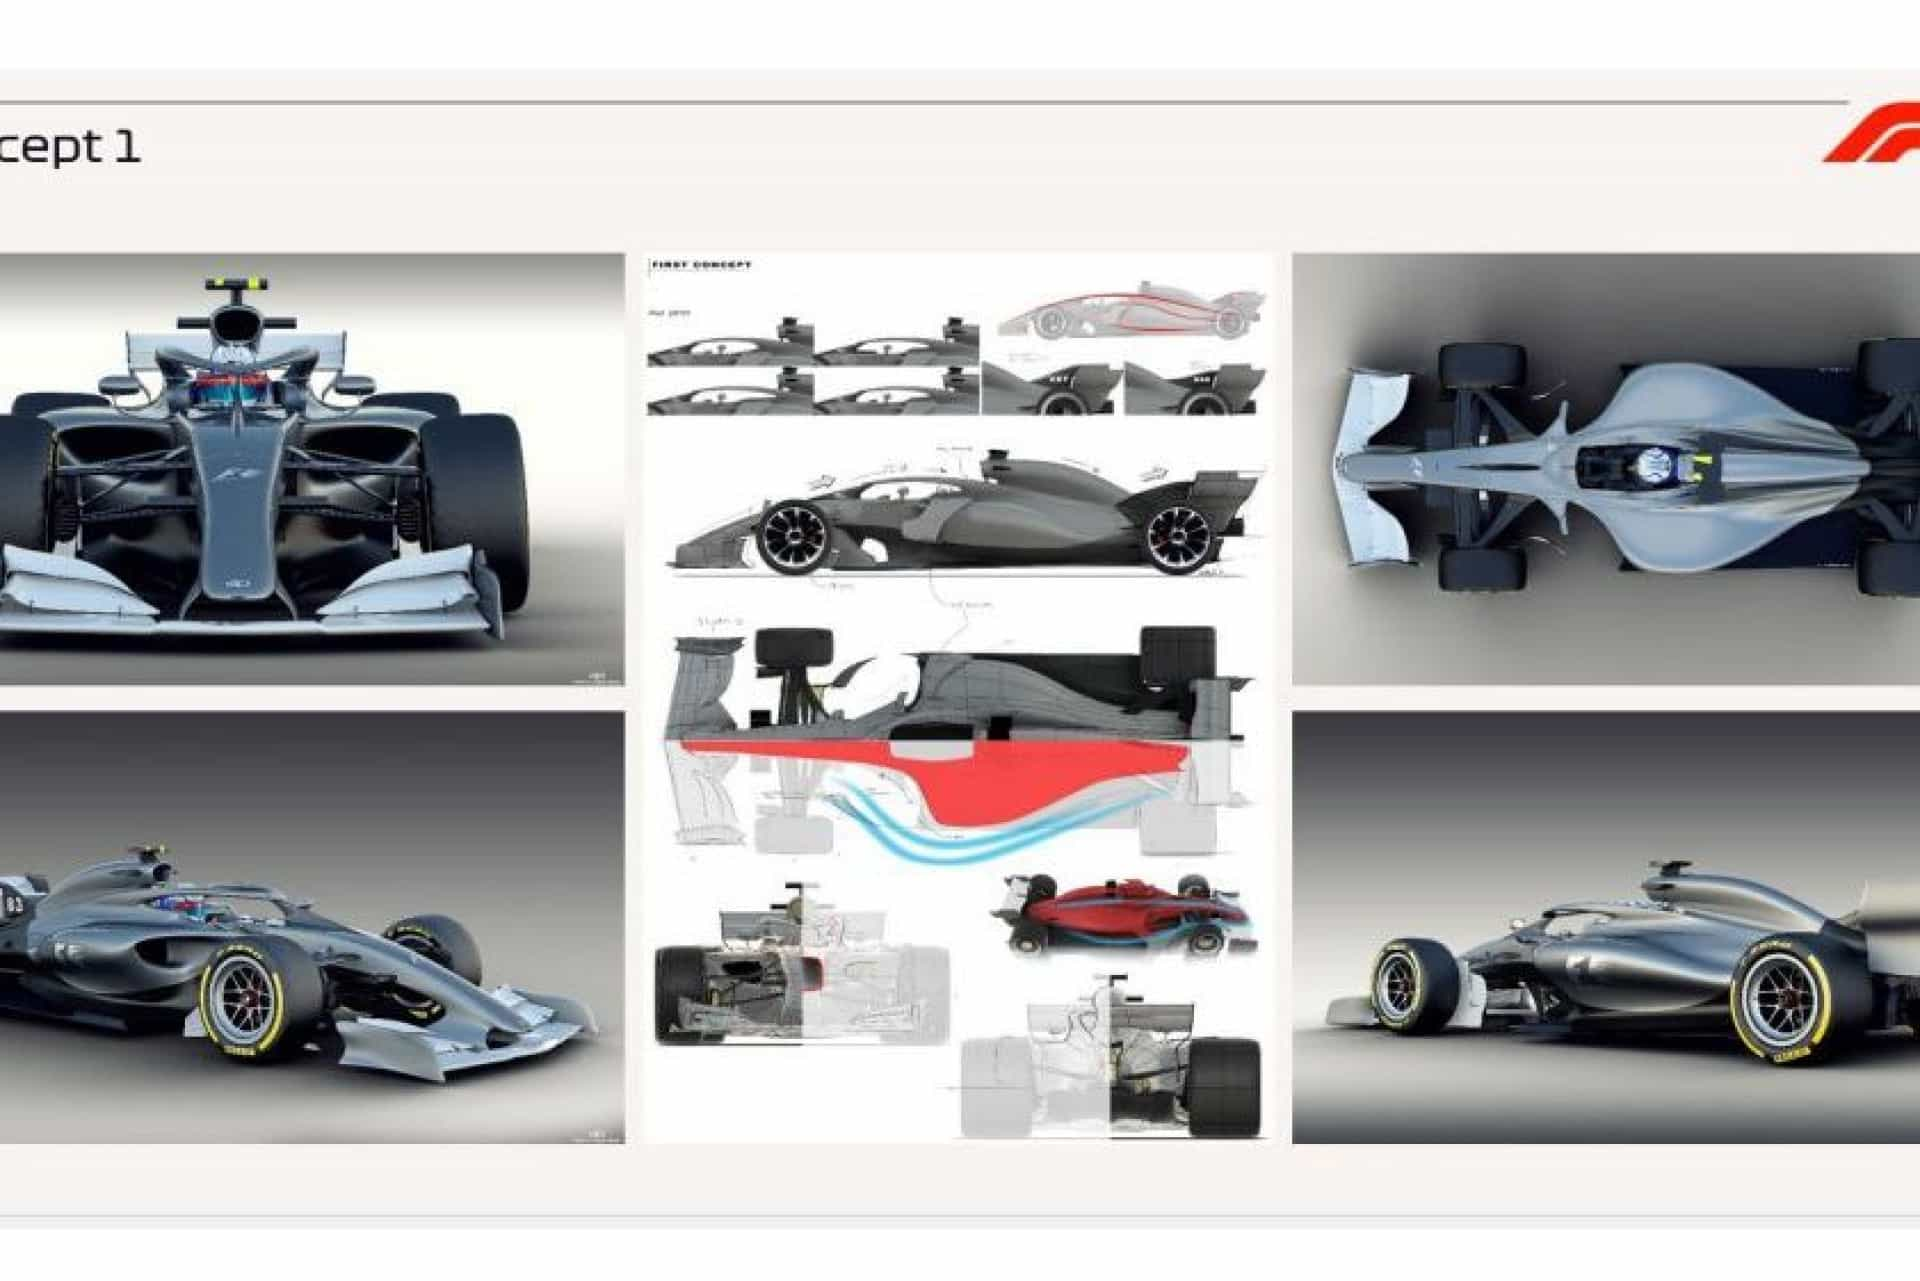 Revelação: F1 desvenda como serão os monolugares em 2021